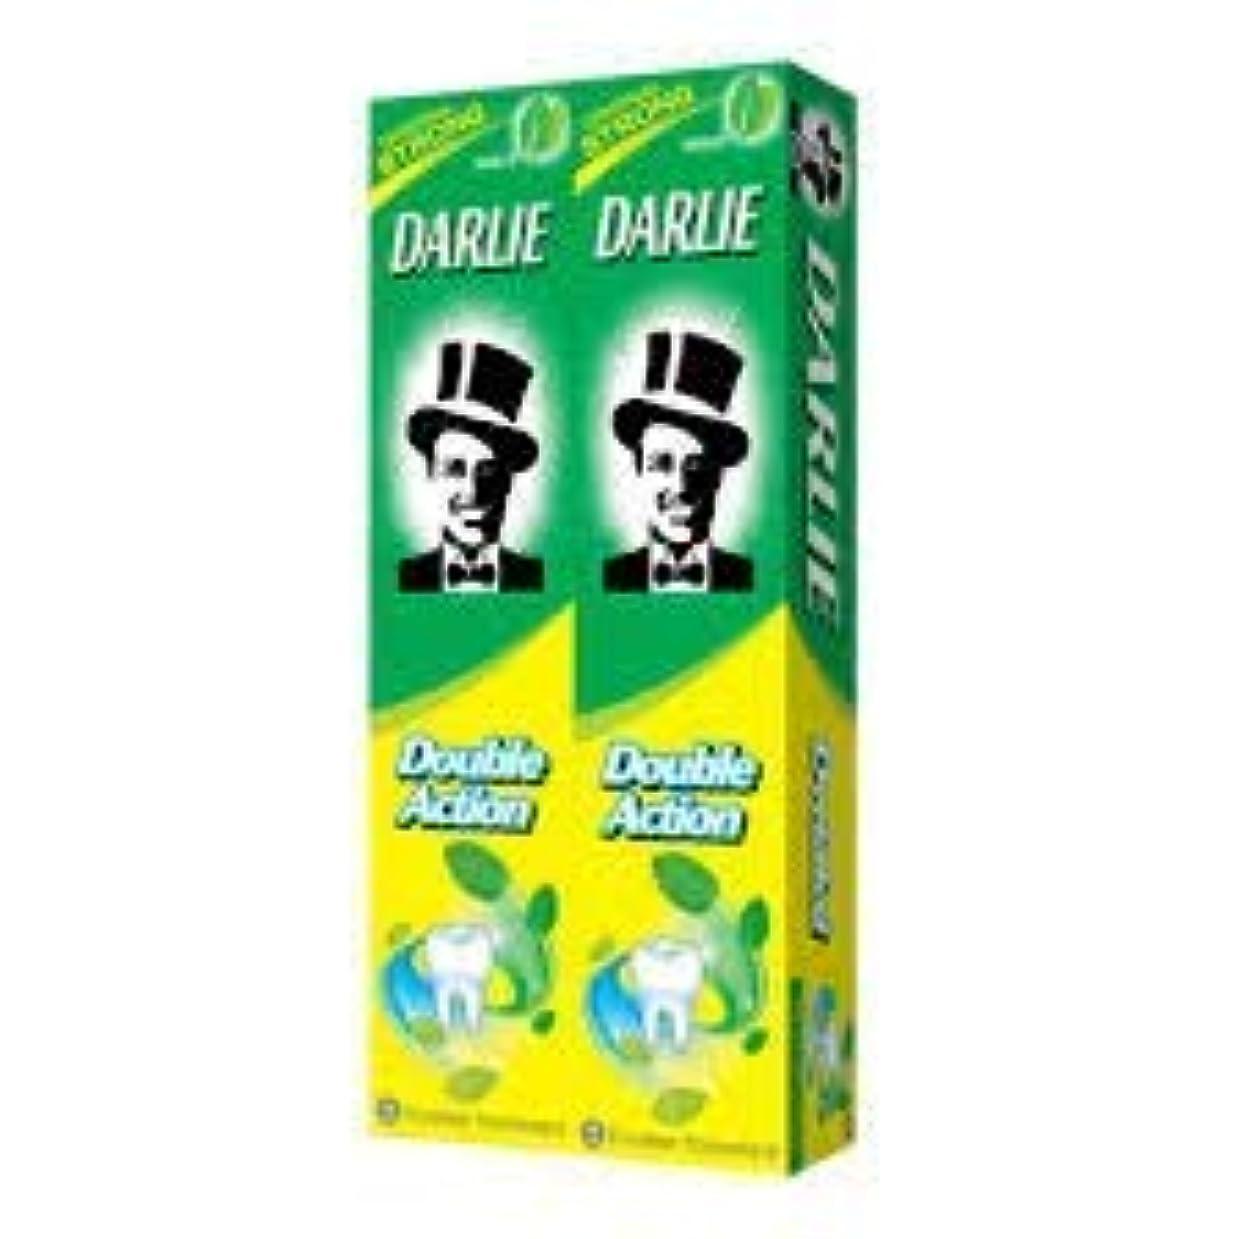 ブロックするスクレーパー不調和DARLIE 歯磨き粉2×225gの複動GWPは、より永続的な新鮮な息12時間-gives - 口腔細菌を減少させるのに有効